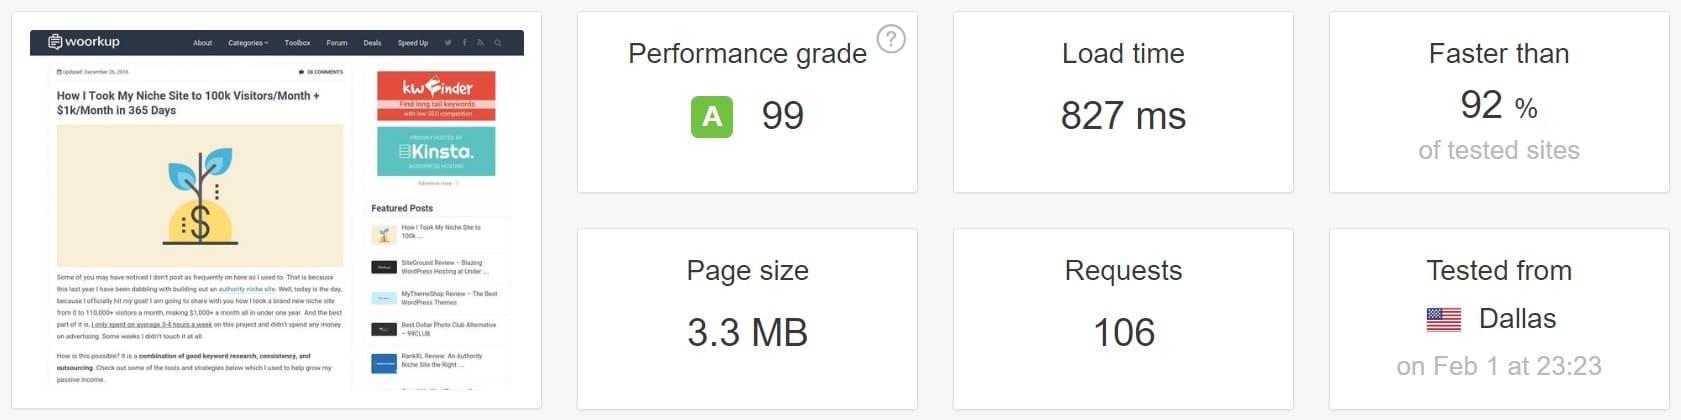 Teste de velocidade com comentários nativos do WordPress